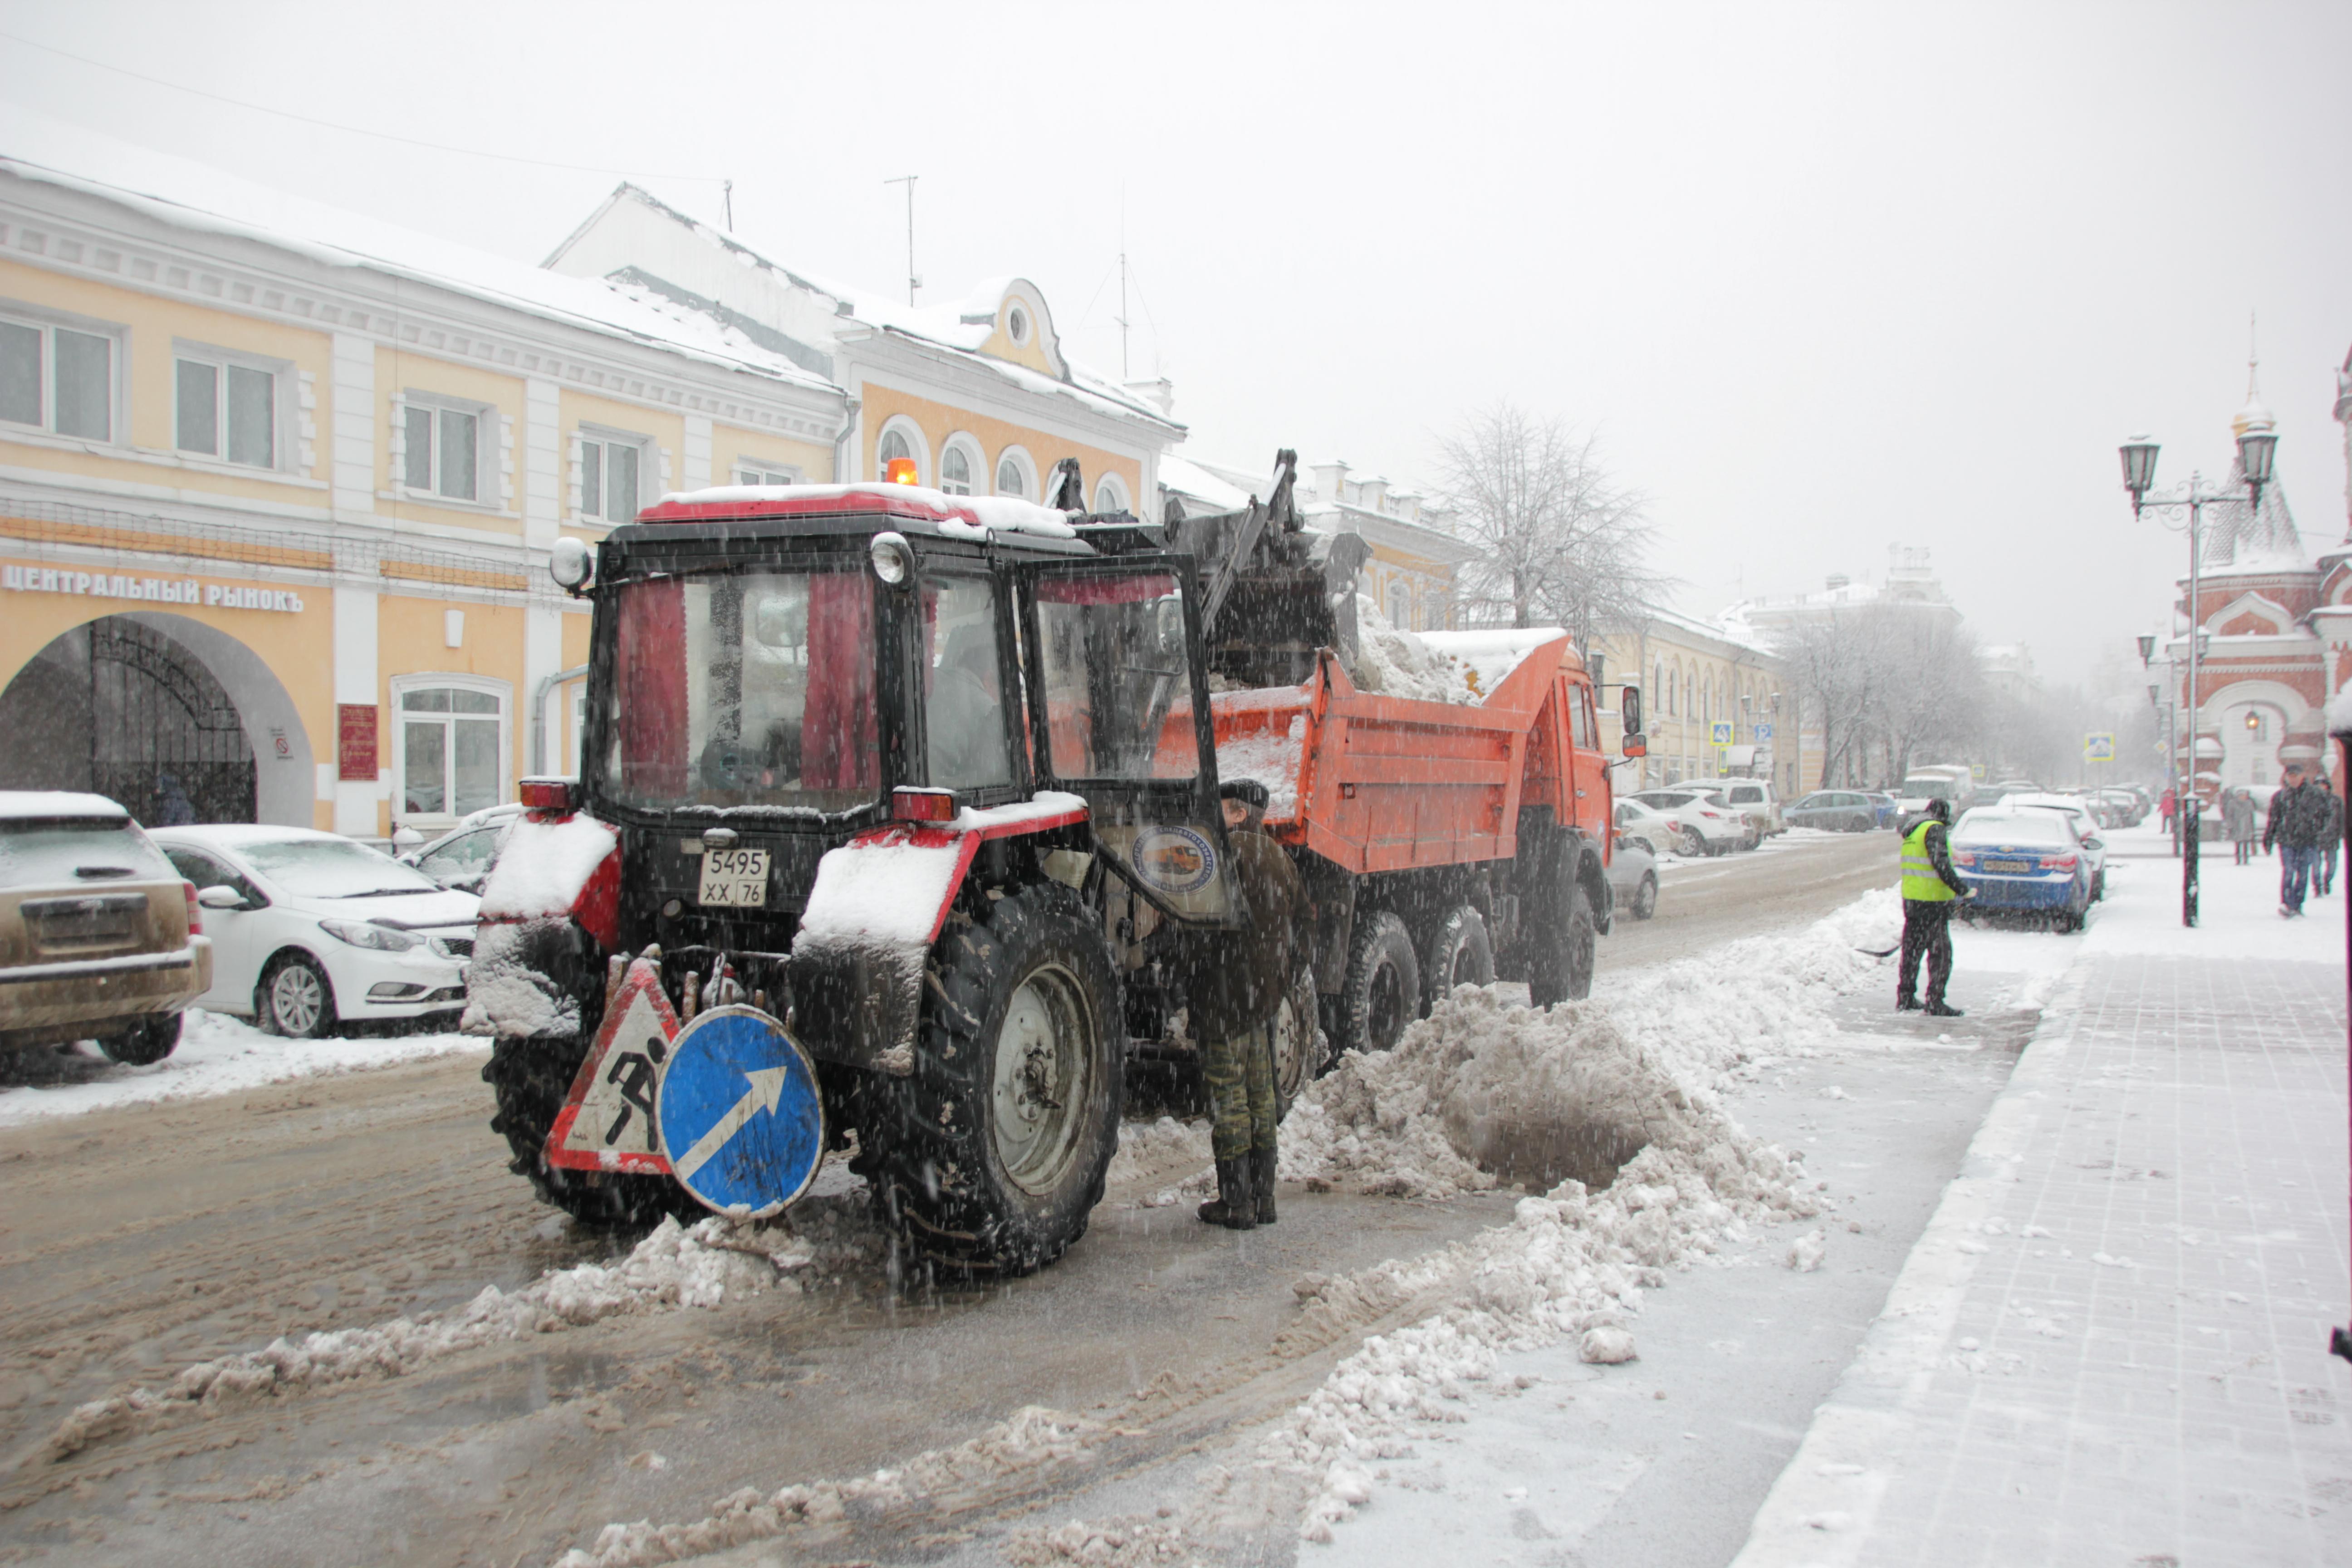 Мэрия: Работы по уборке города от снега ведутся в круглосуточном режиме